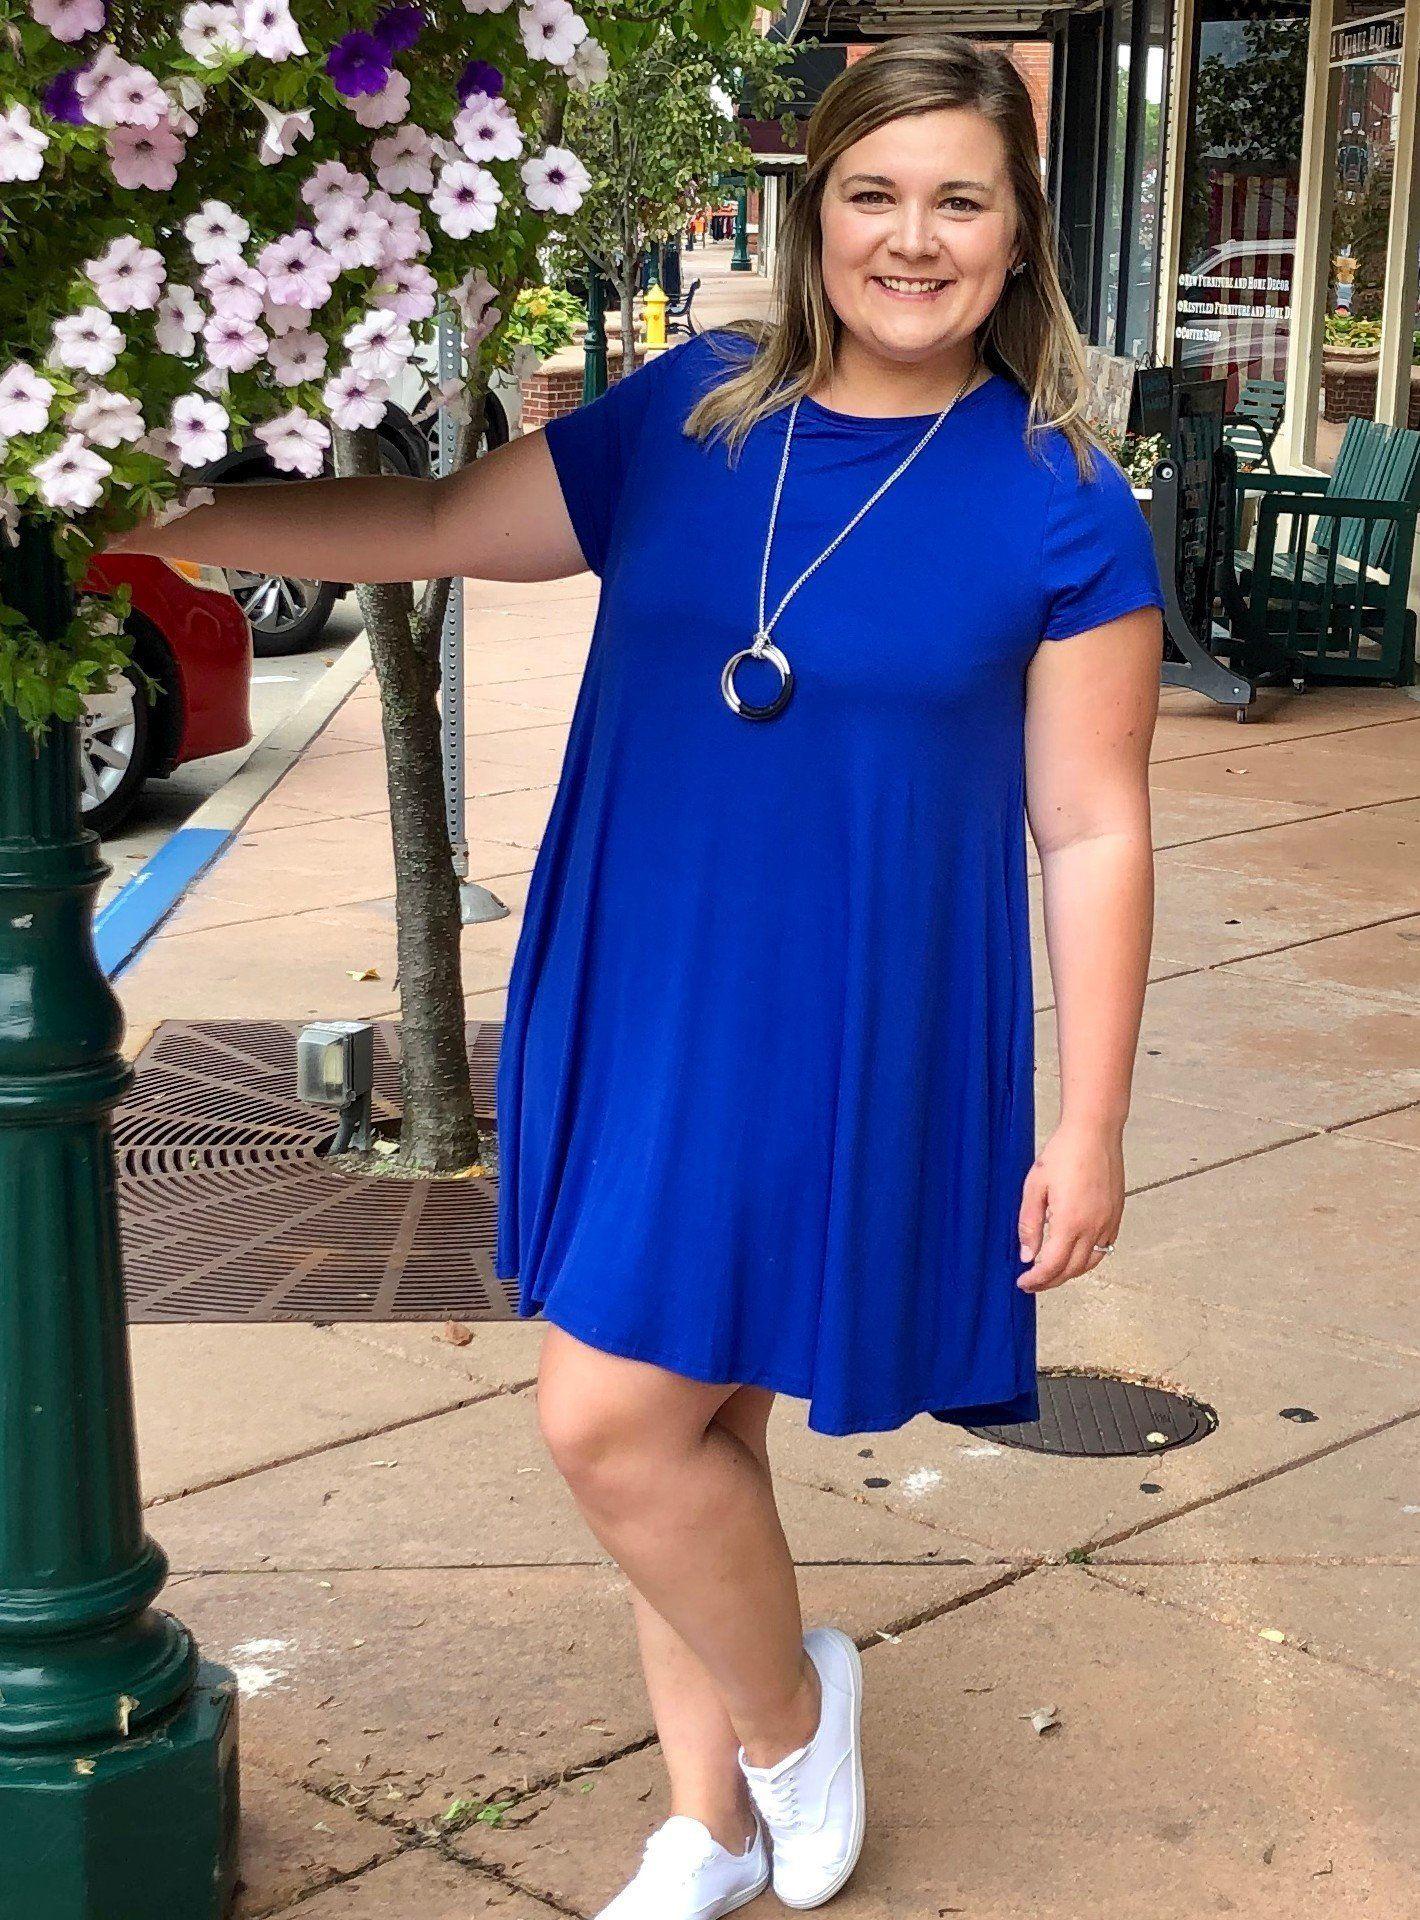 Short Sleeve Pocket Tee Cobalt Dress #cobaltdress Short Sleeve Pocket Tee Cobalt Dress #cobaltdress